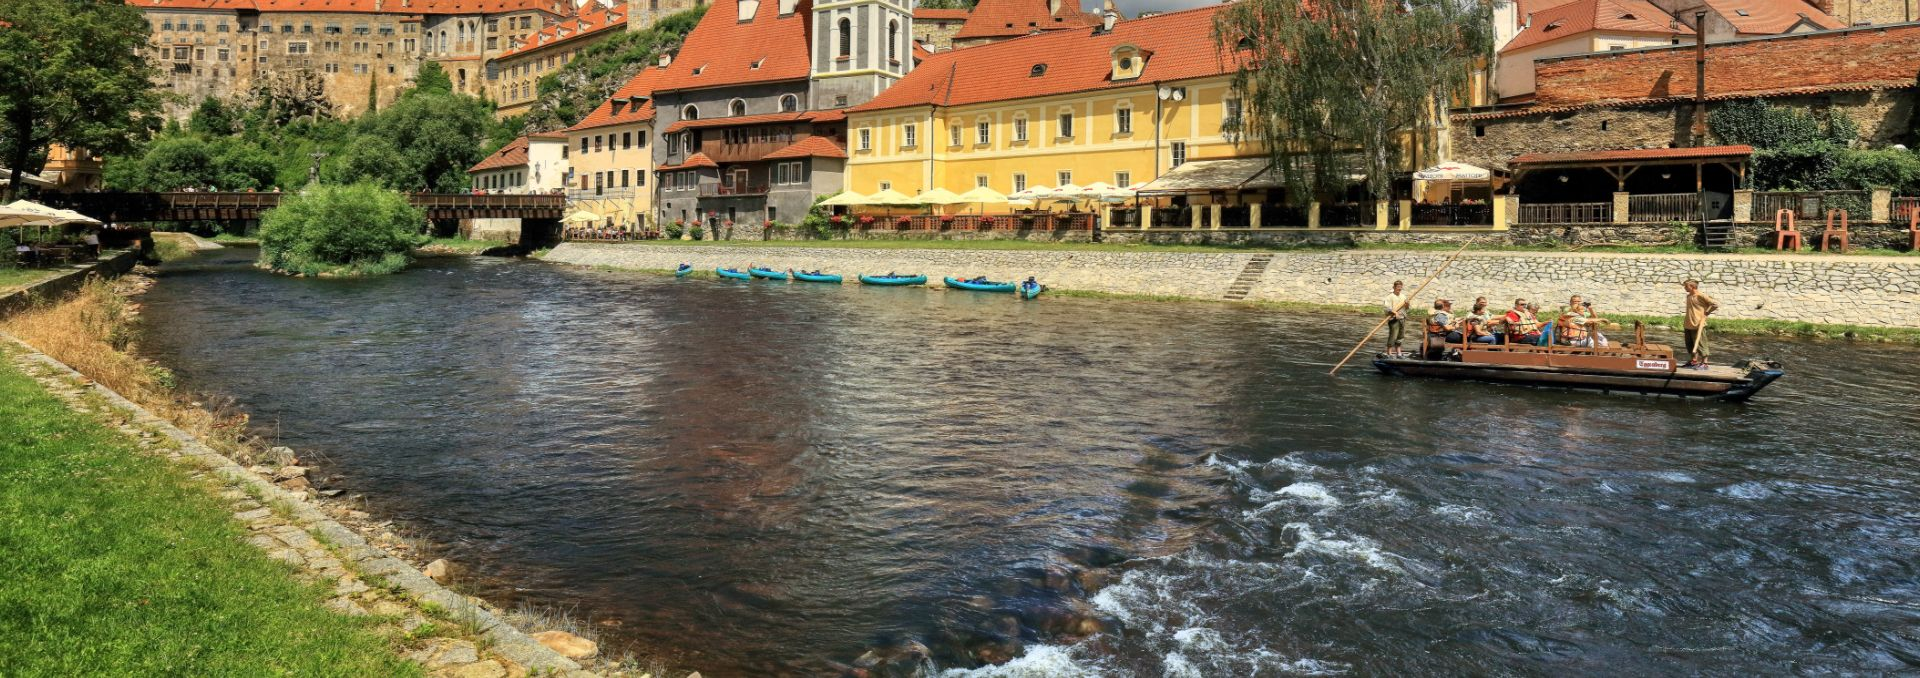 Vory na Vltavě